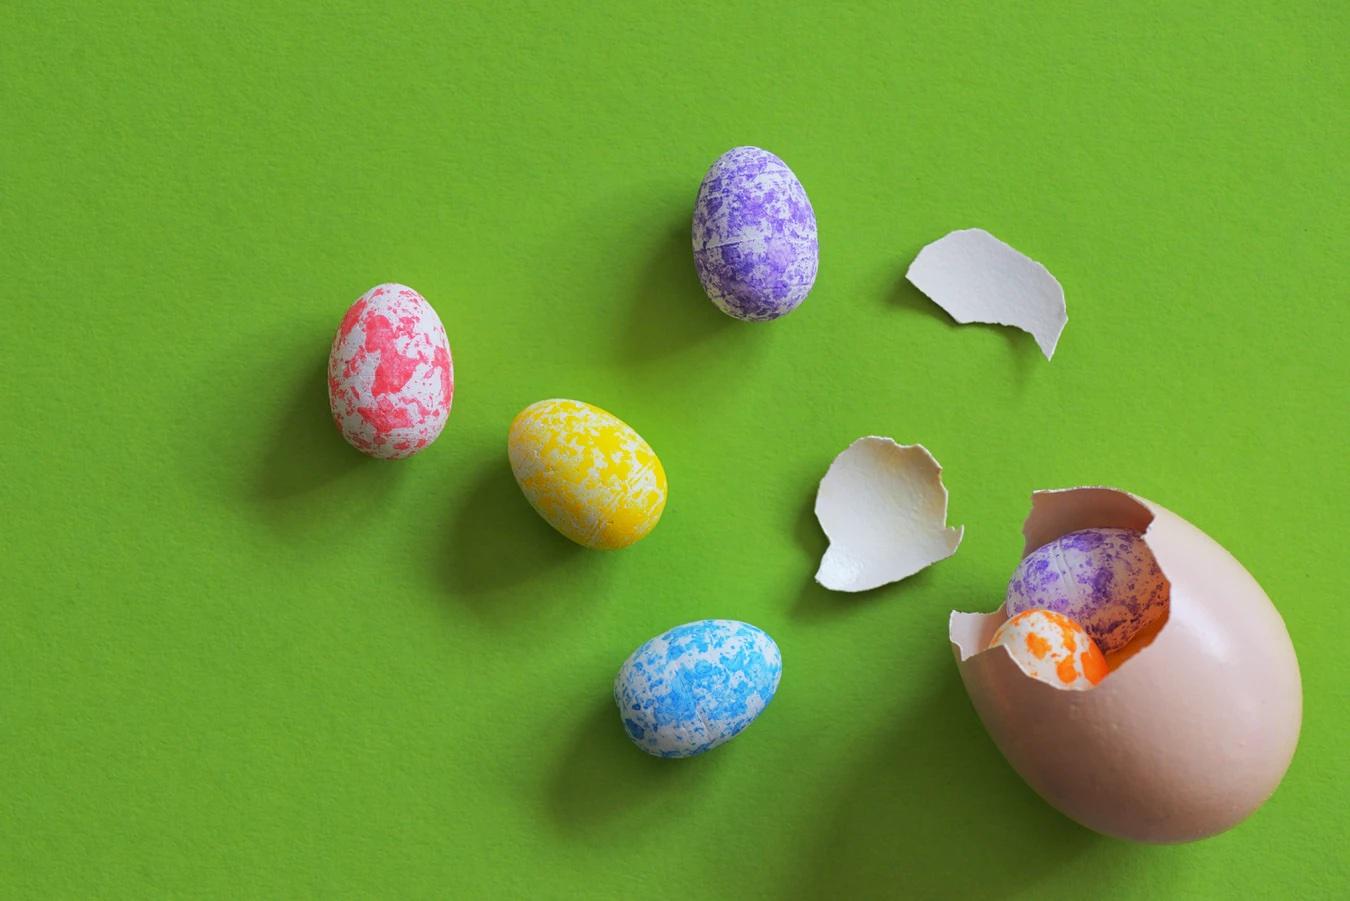 Crema e burro: mercato trade più riflessivo in vista della Pasqua